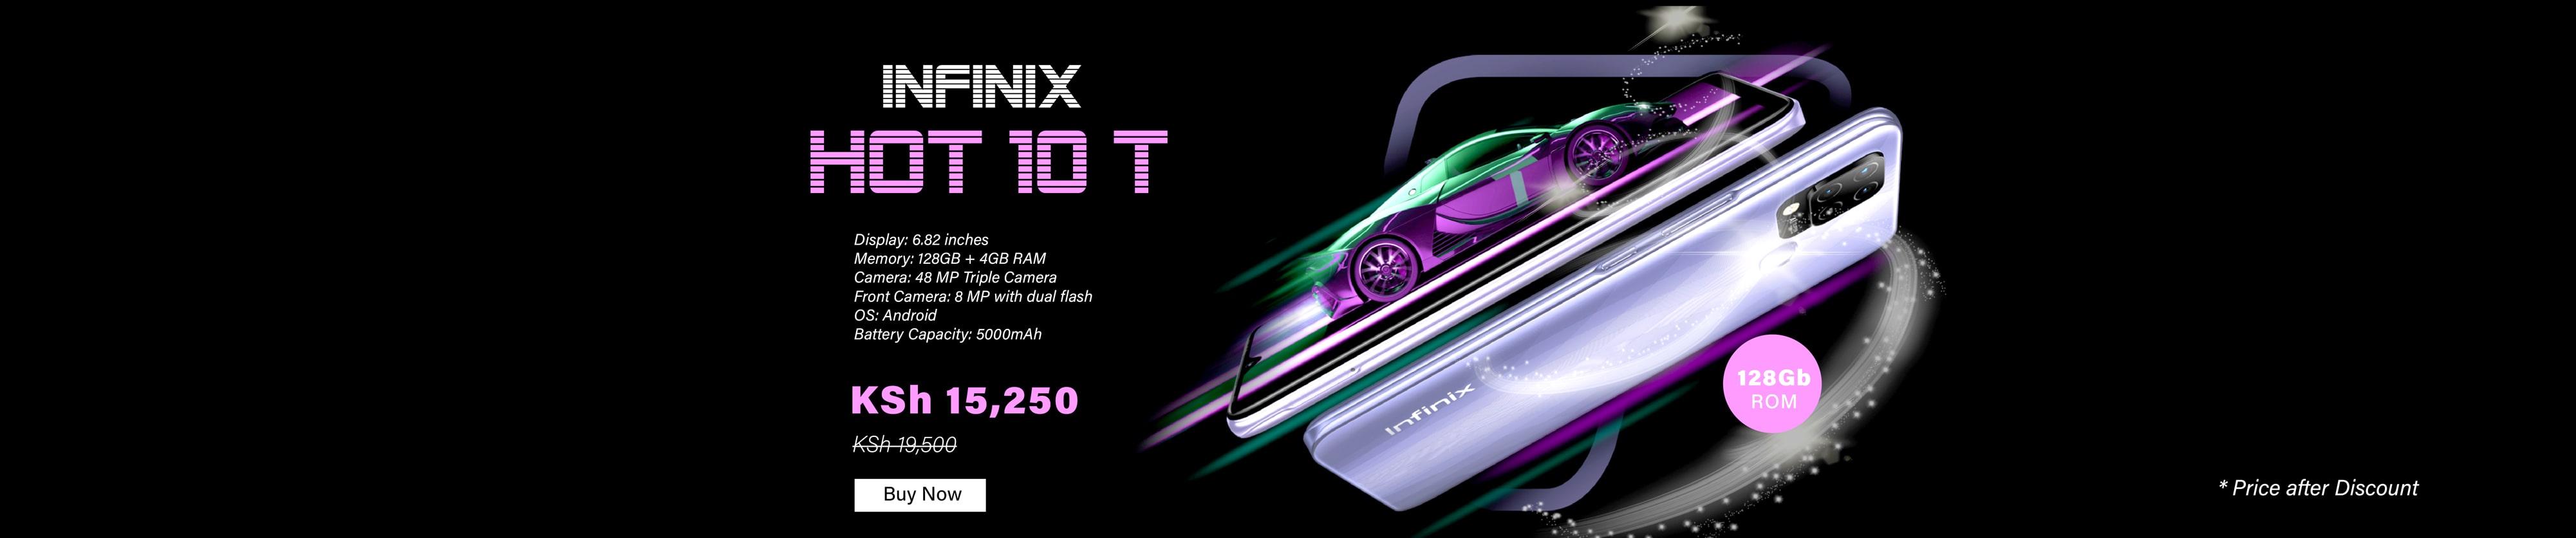 Infinix Hot 10 T